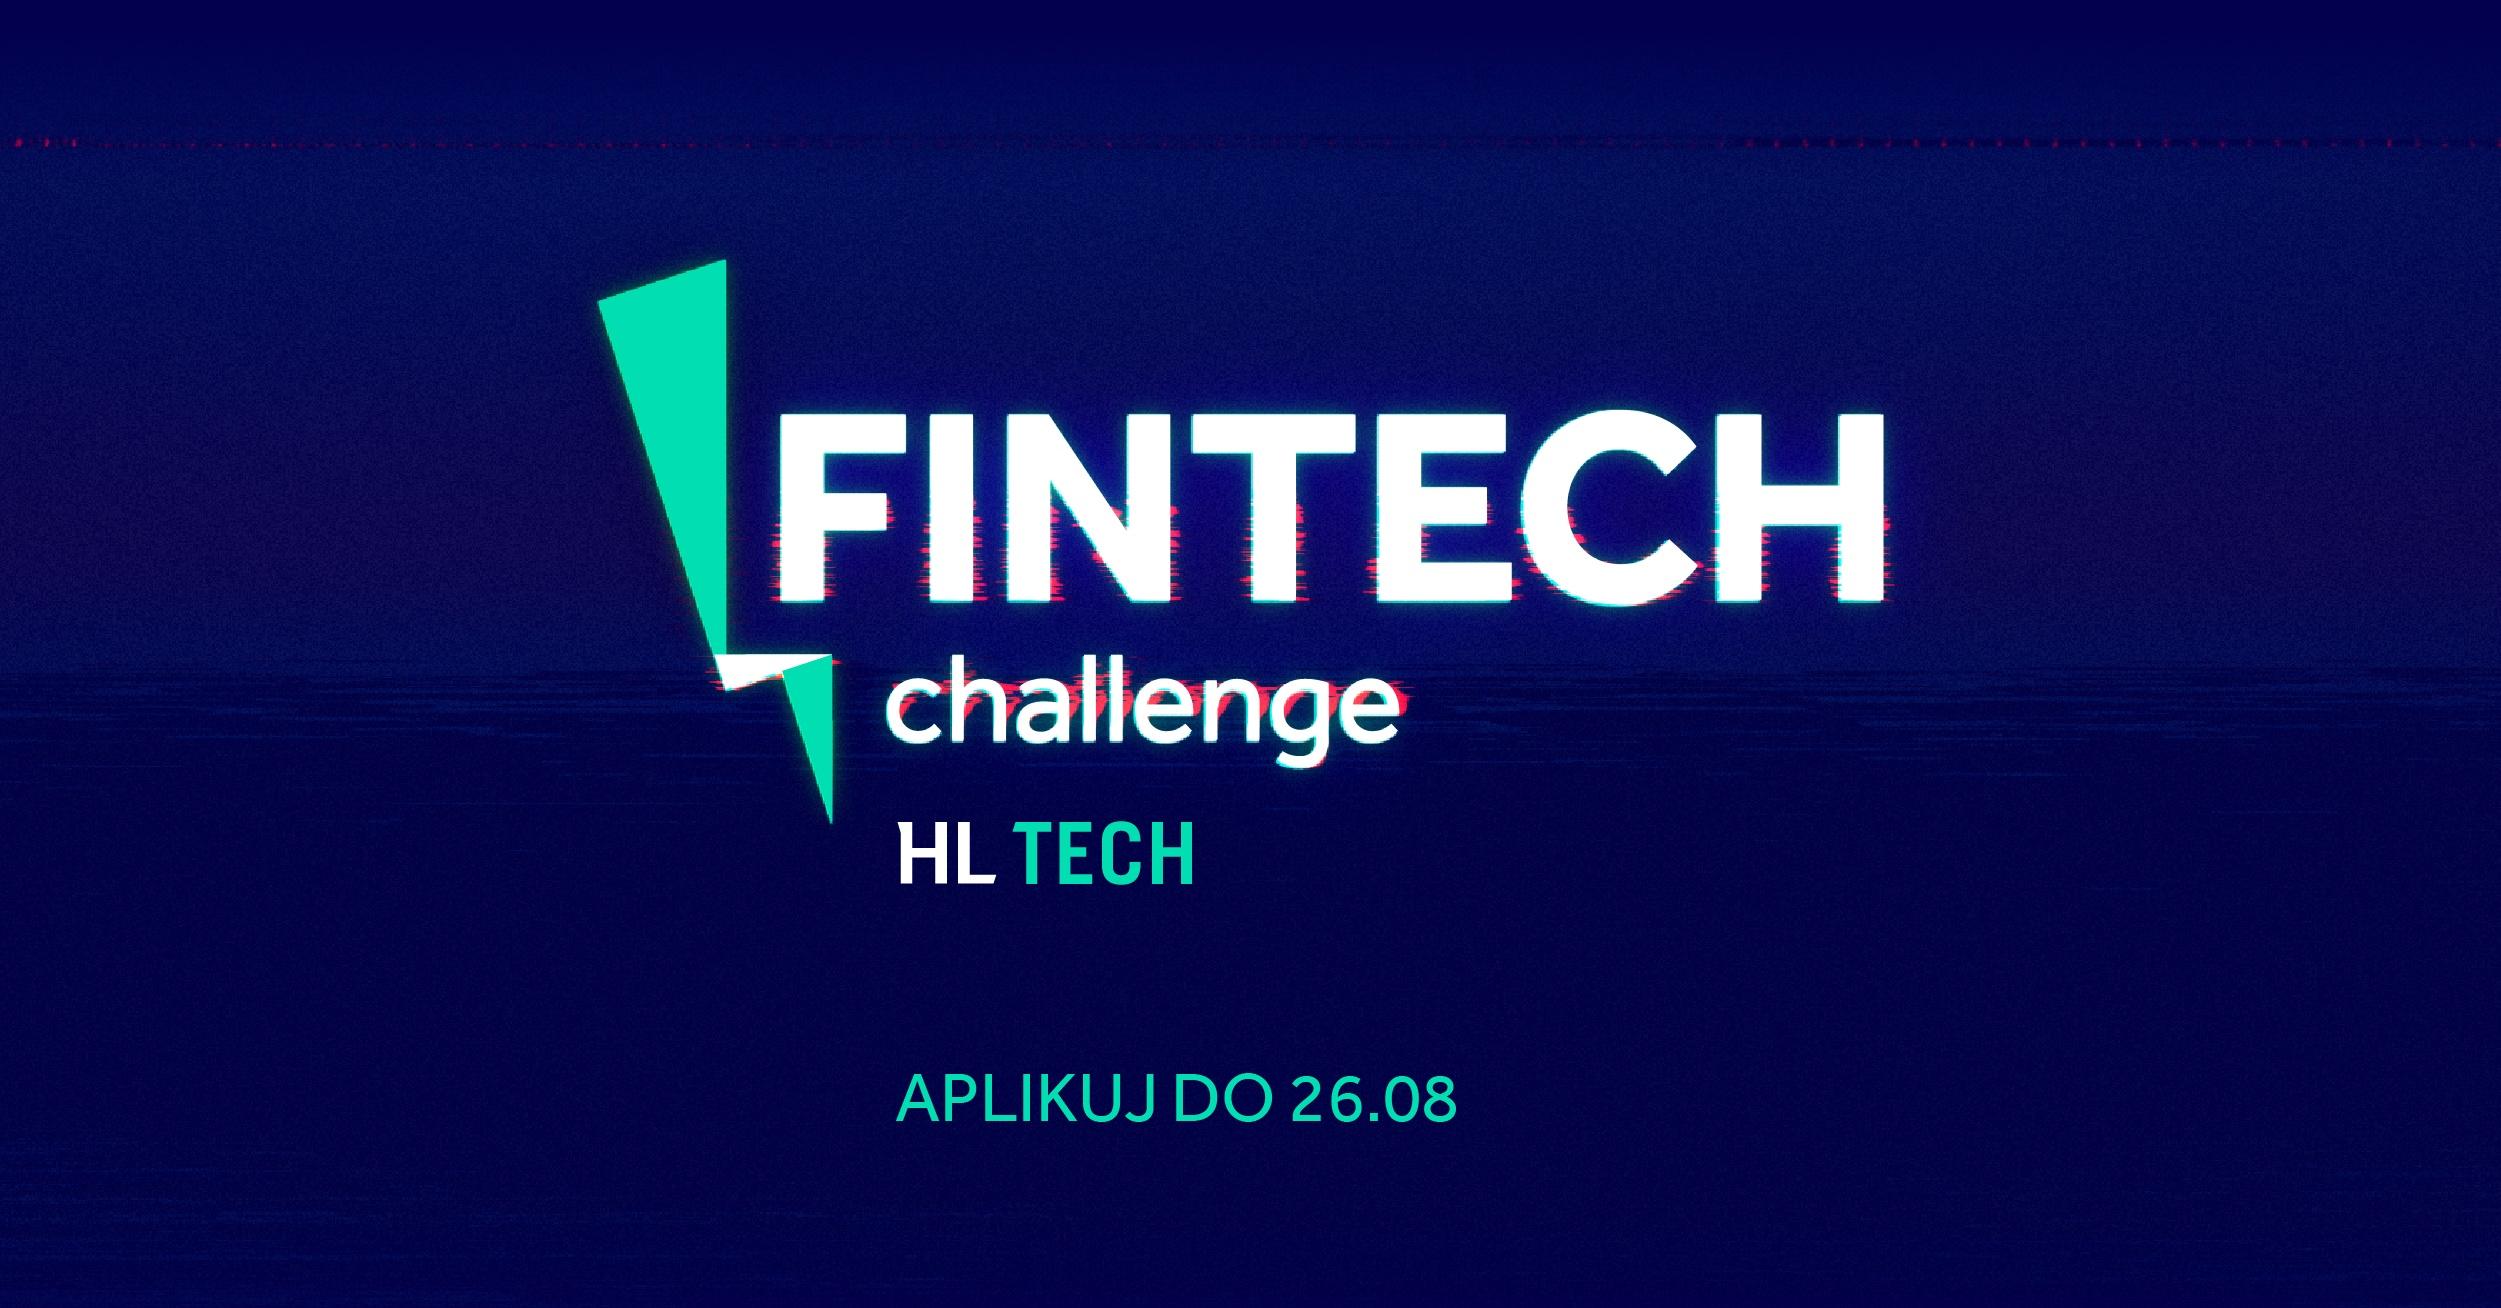 FinTech Challenge – najważniejsze informacje o konkursie